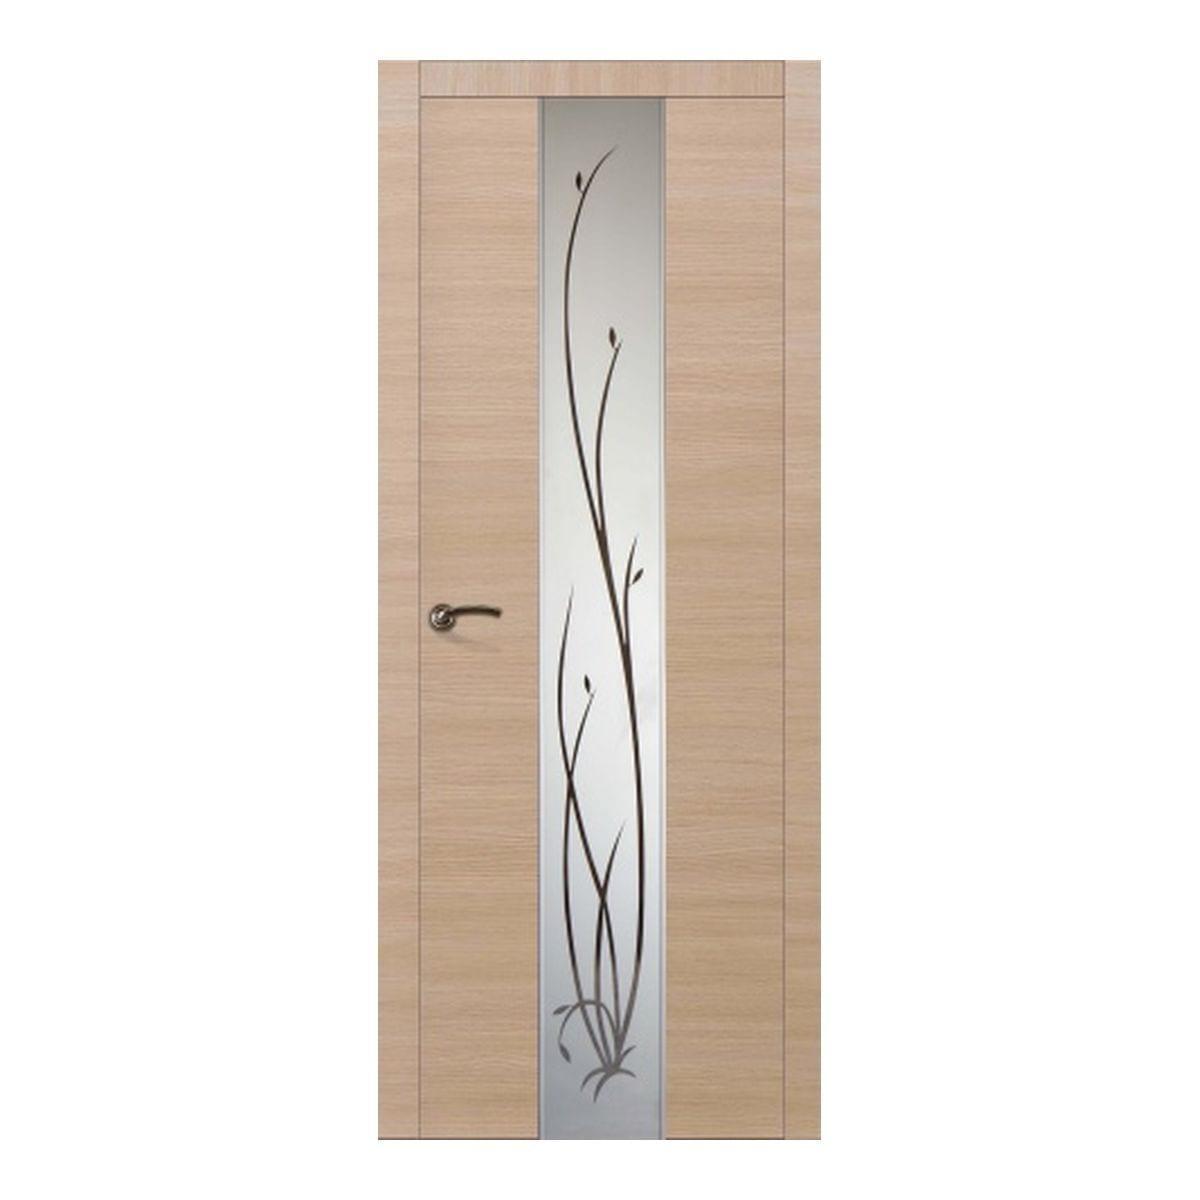 Дверное полотно Соммер 705Ш остекленное (600*2000) дуб неаполь